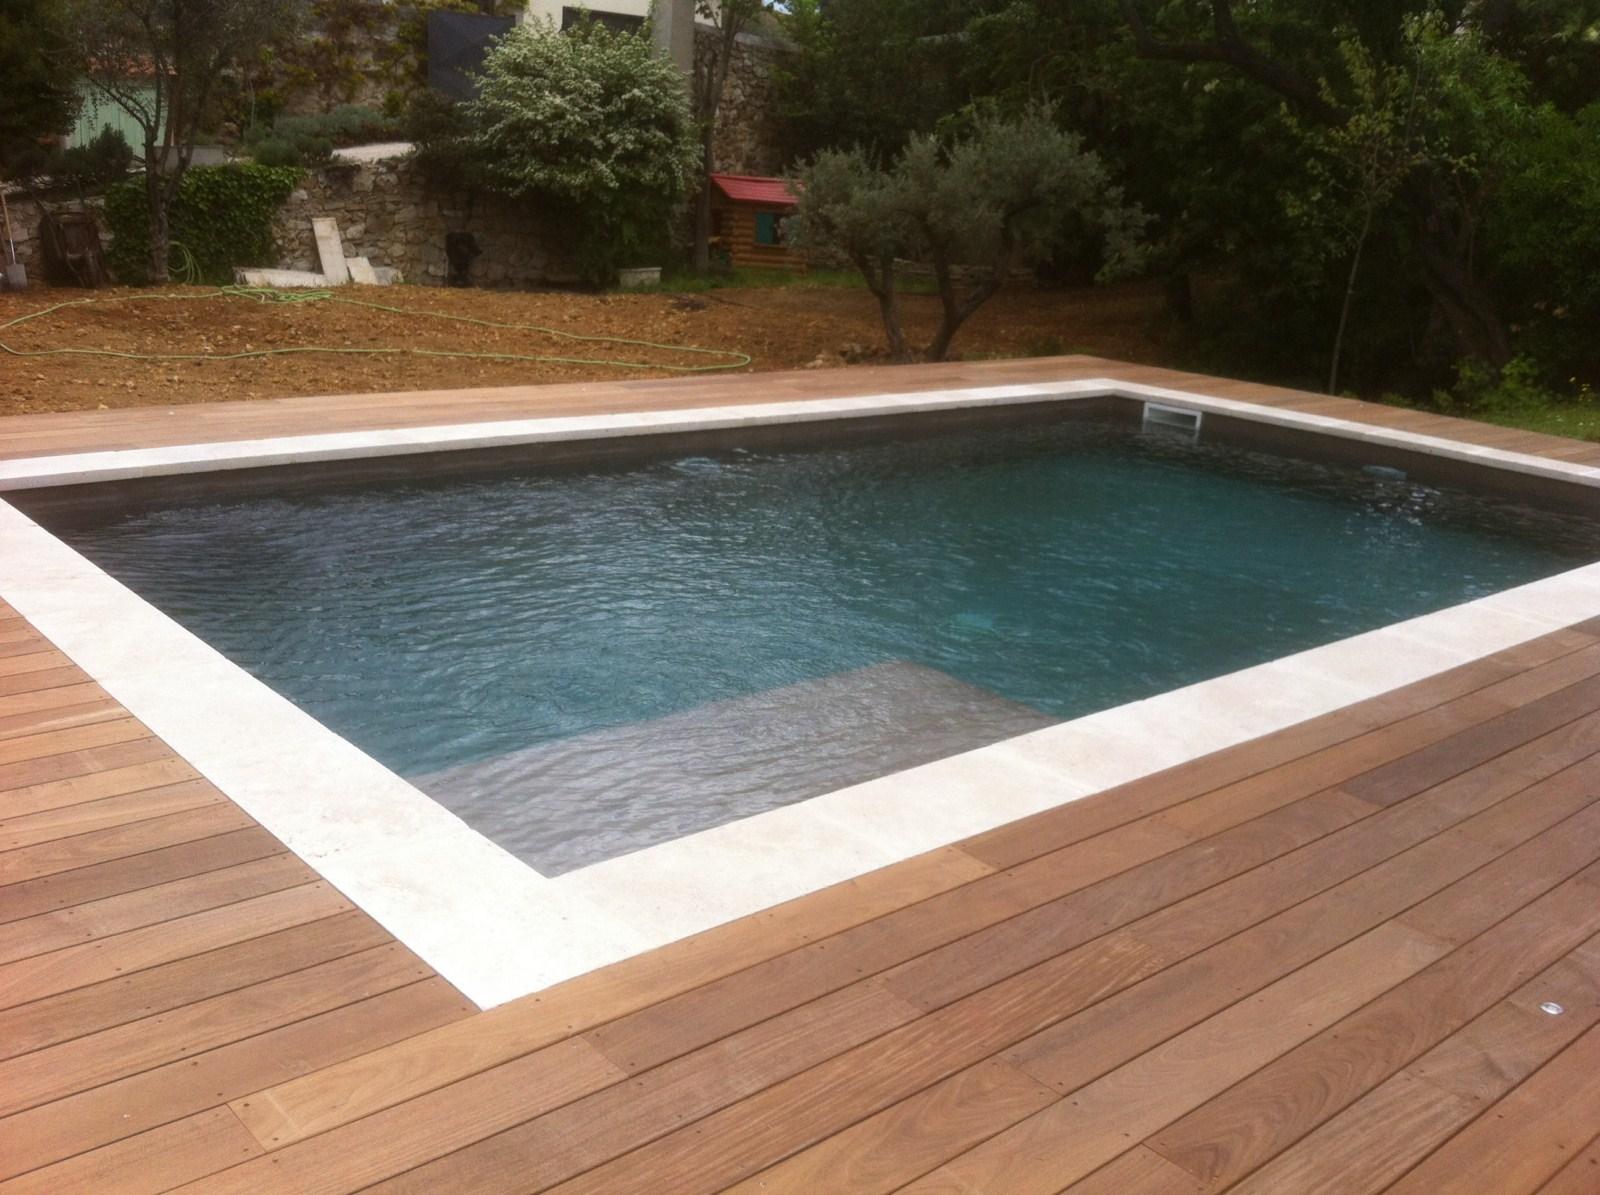 Ou Acheter Bois Ipe agencement d'un tour de piscine en bois exotique ipe - les